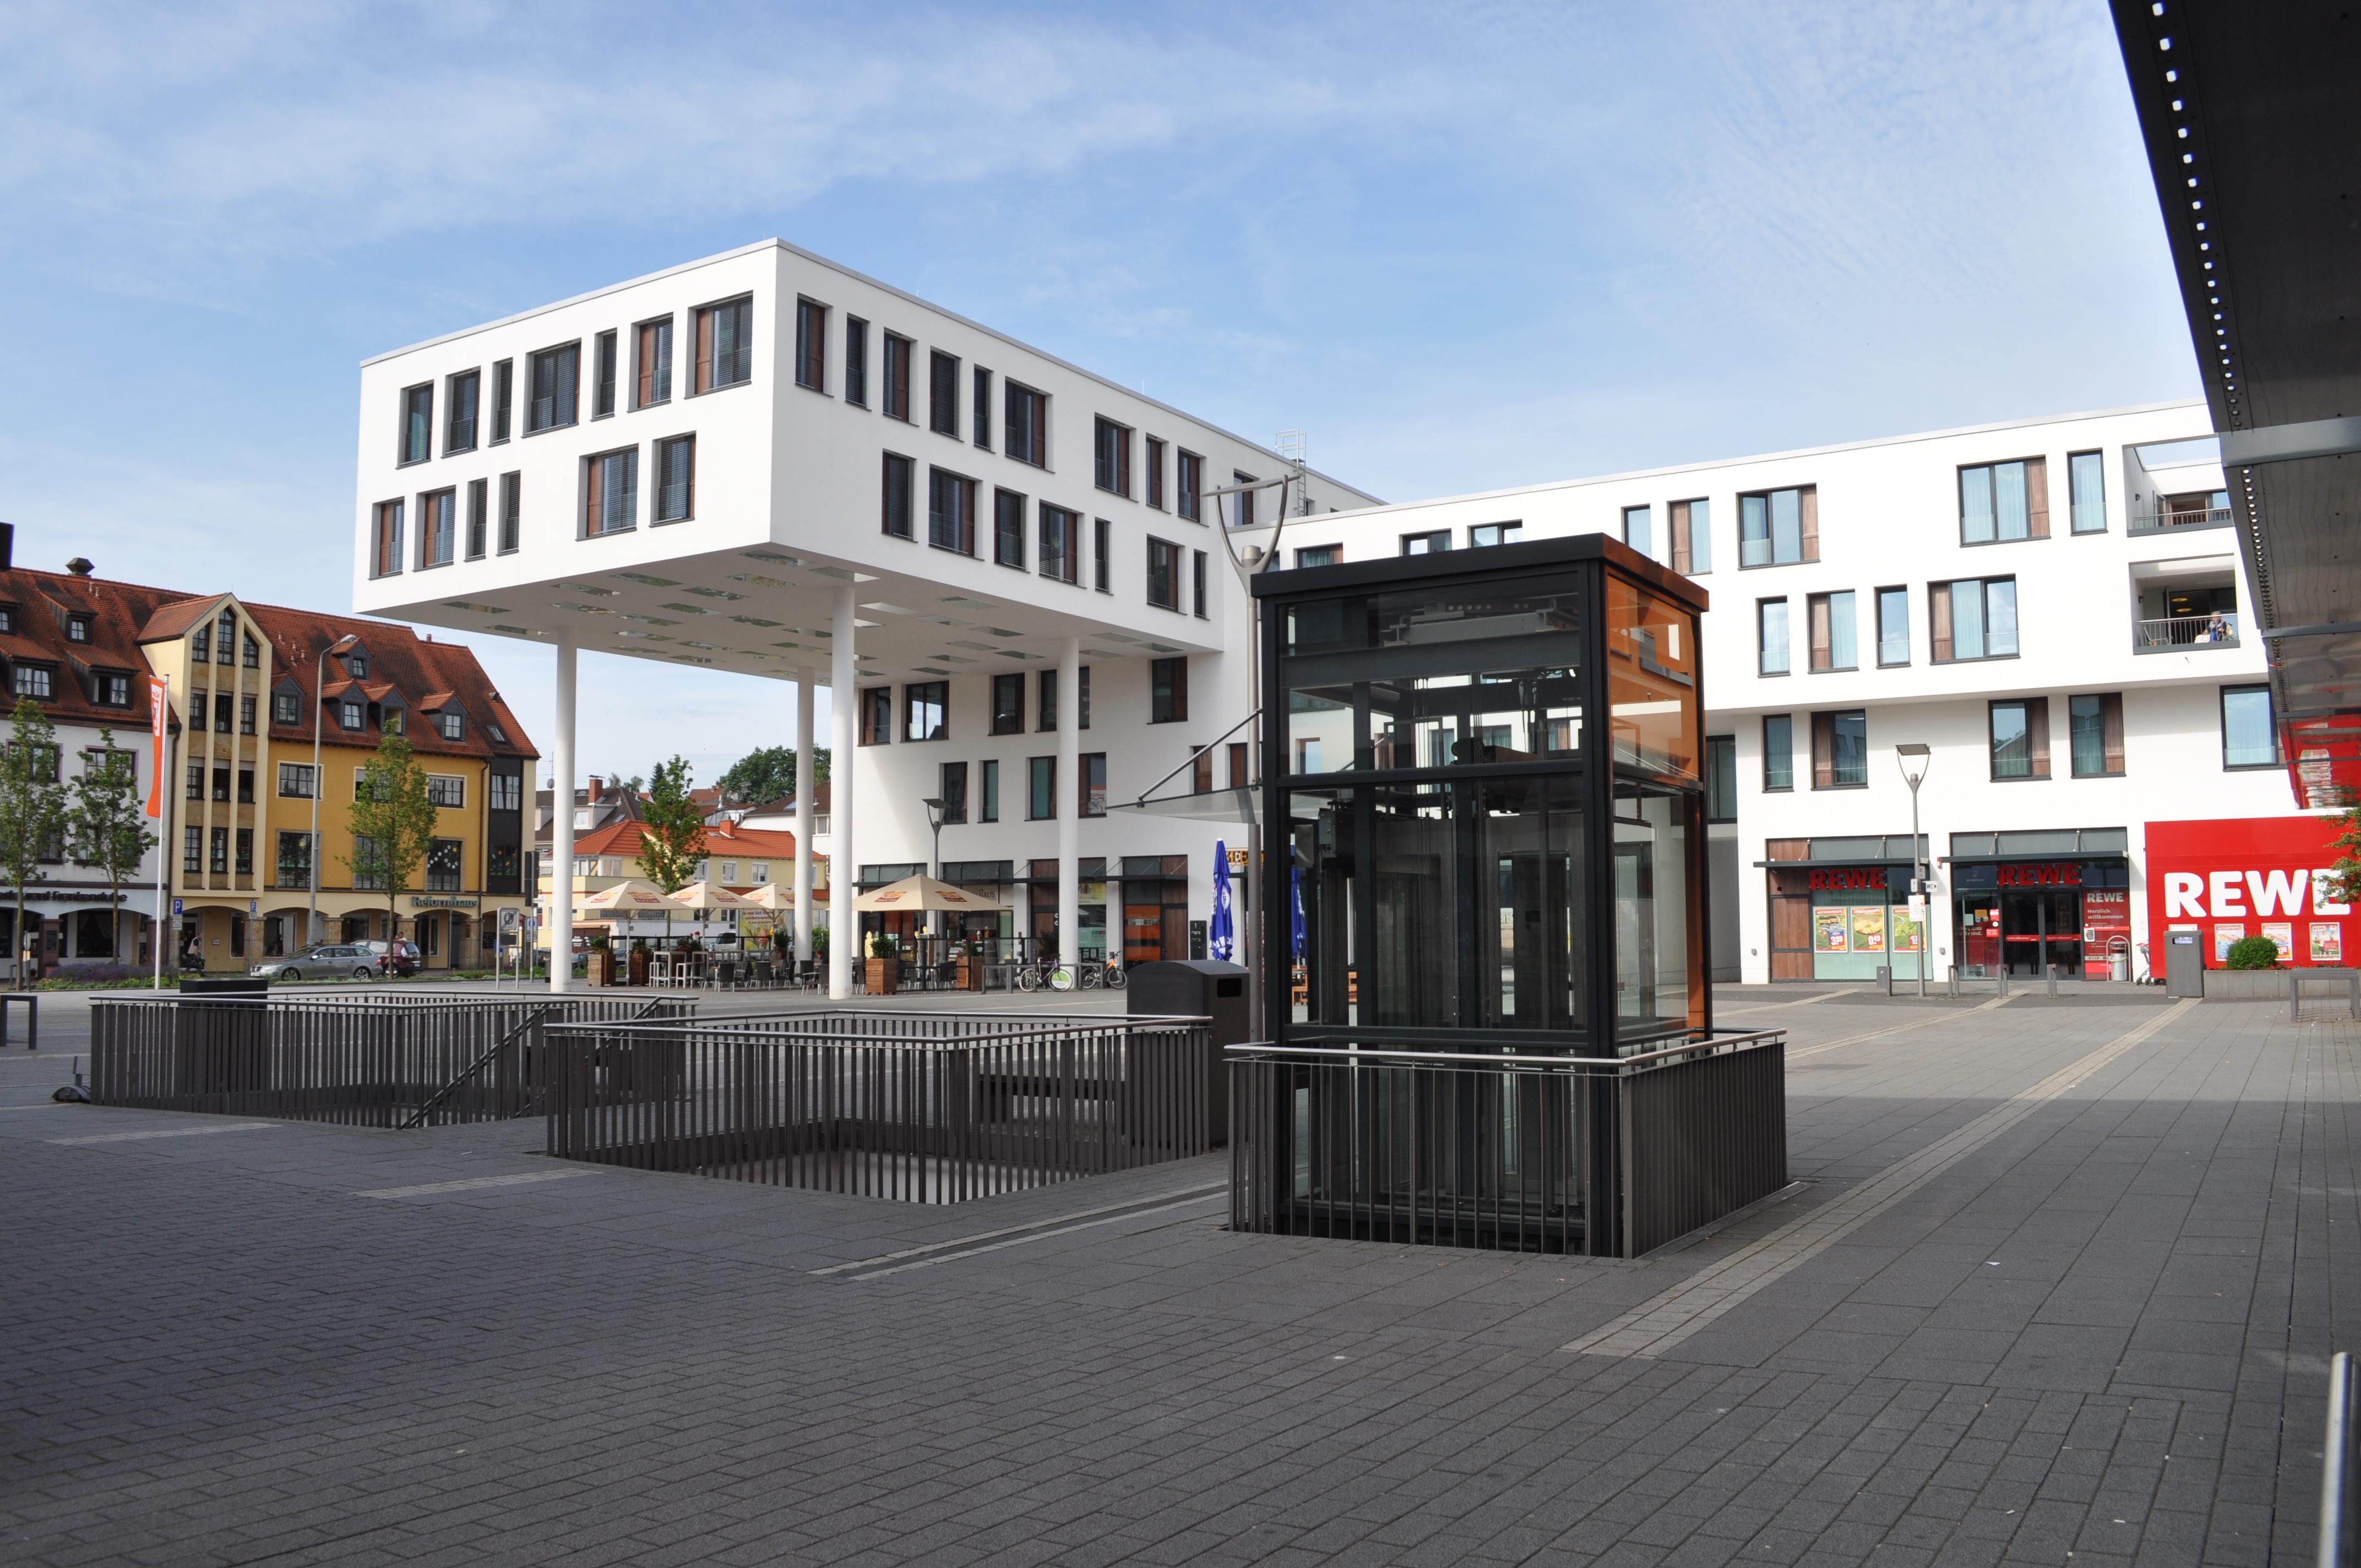 Single kelkheim